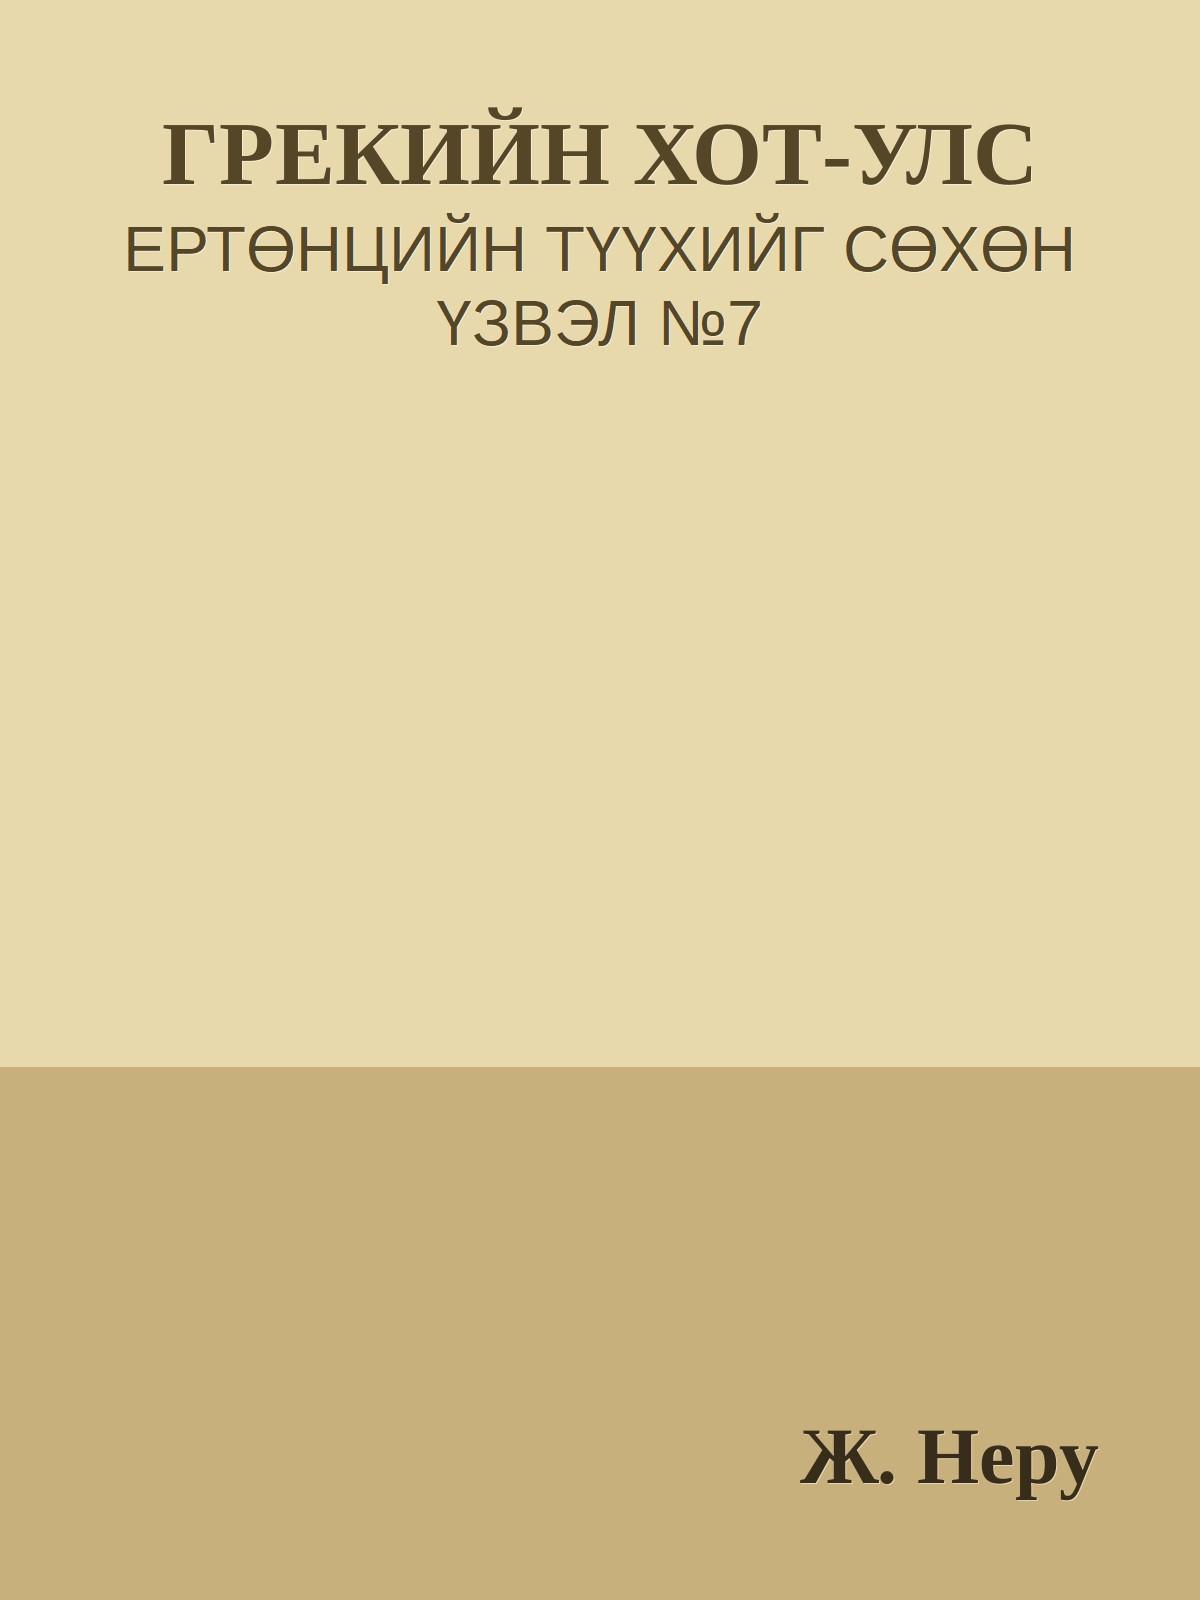 ГРЕКИЙН ХОТ-УЛС